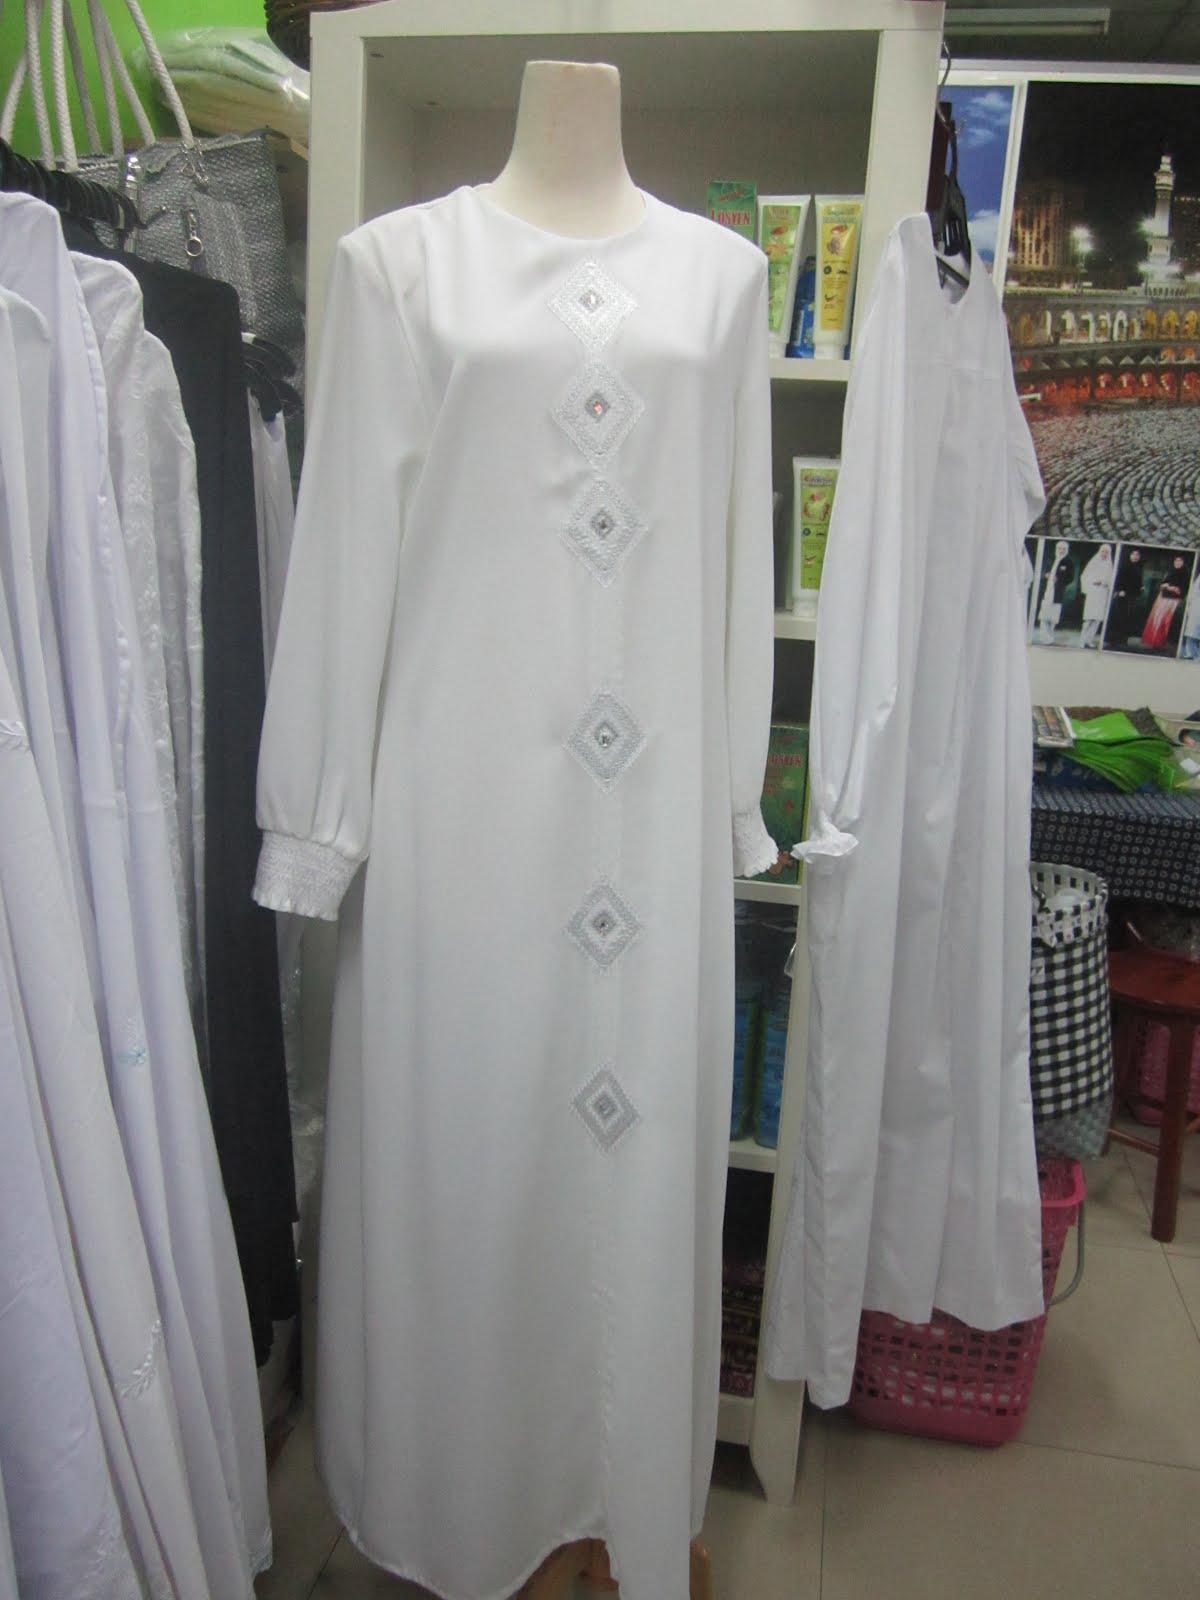 haji pakaian umrah dan ziarah pakaian haji dan umrah pakaian umrah